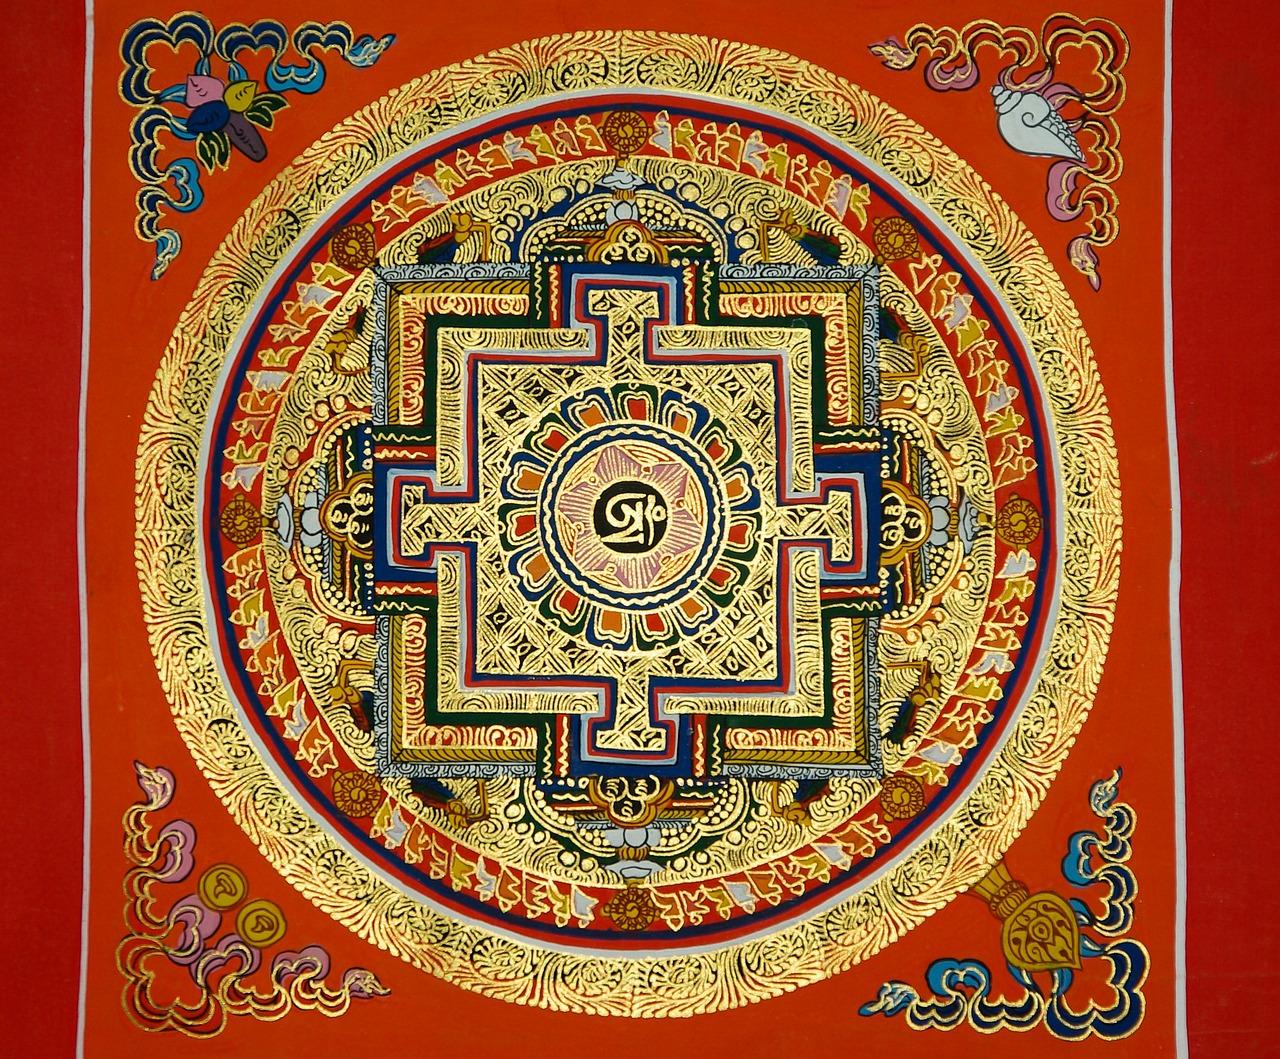 Мандалы тибетские картинки, нем